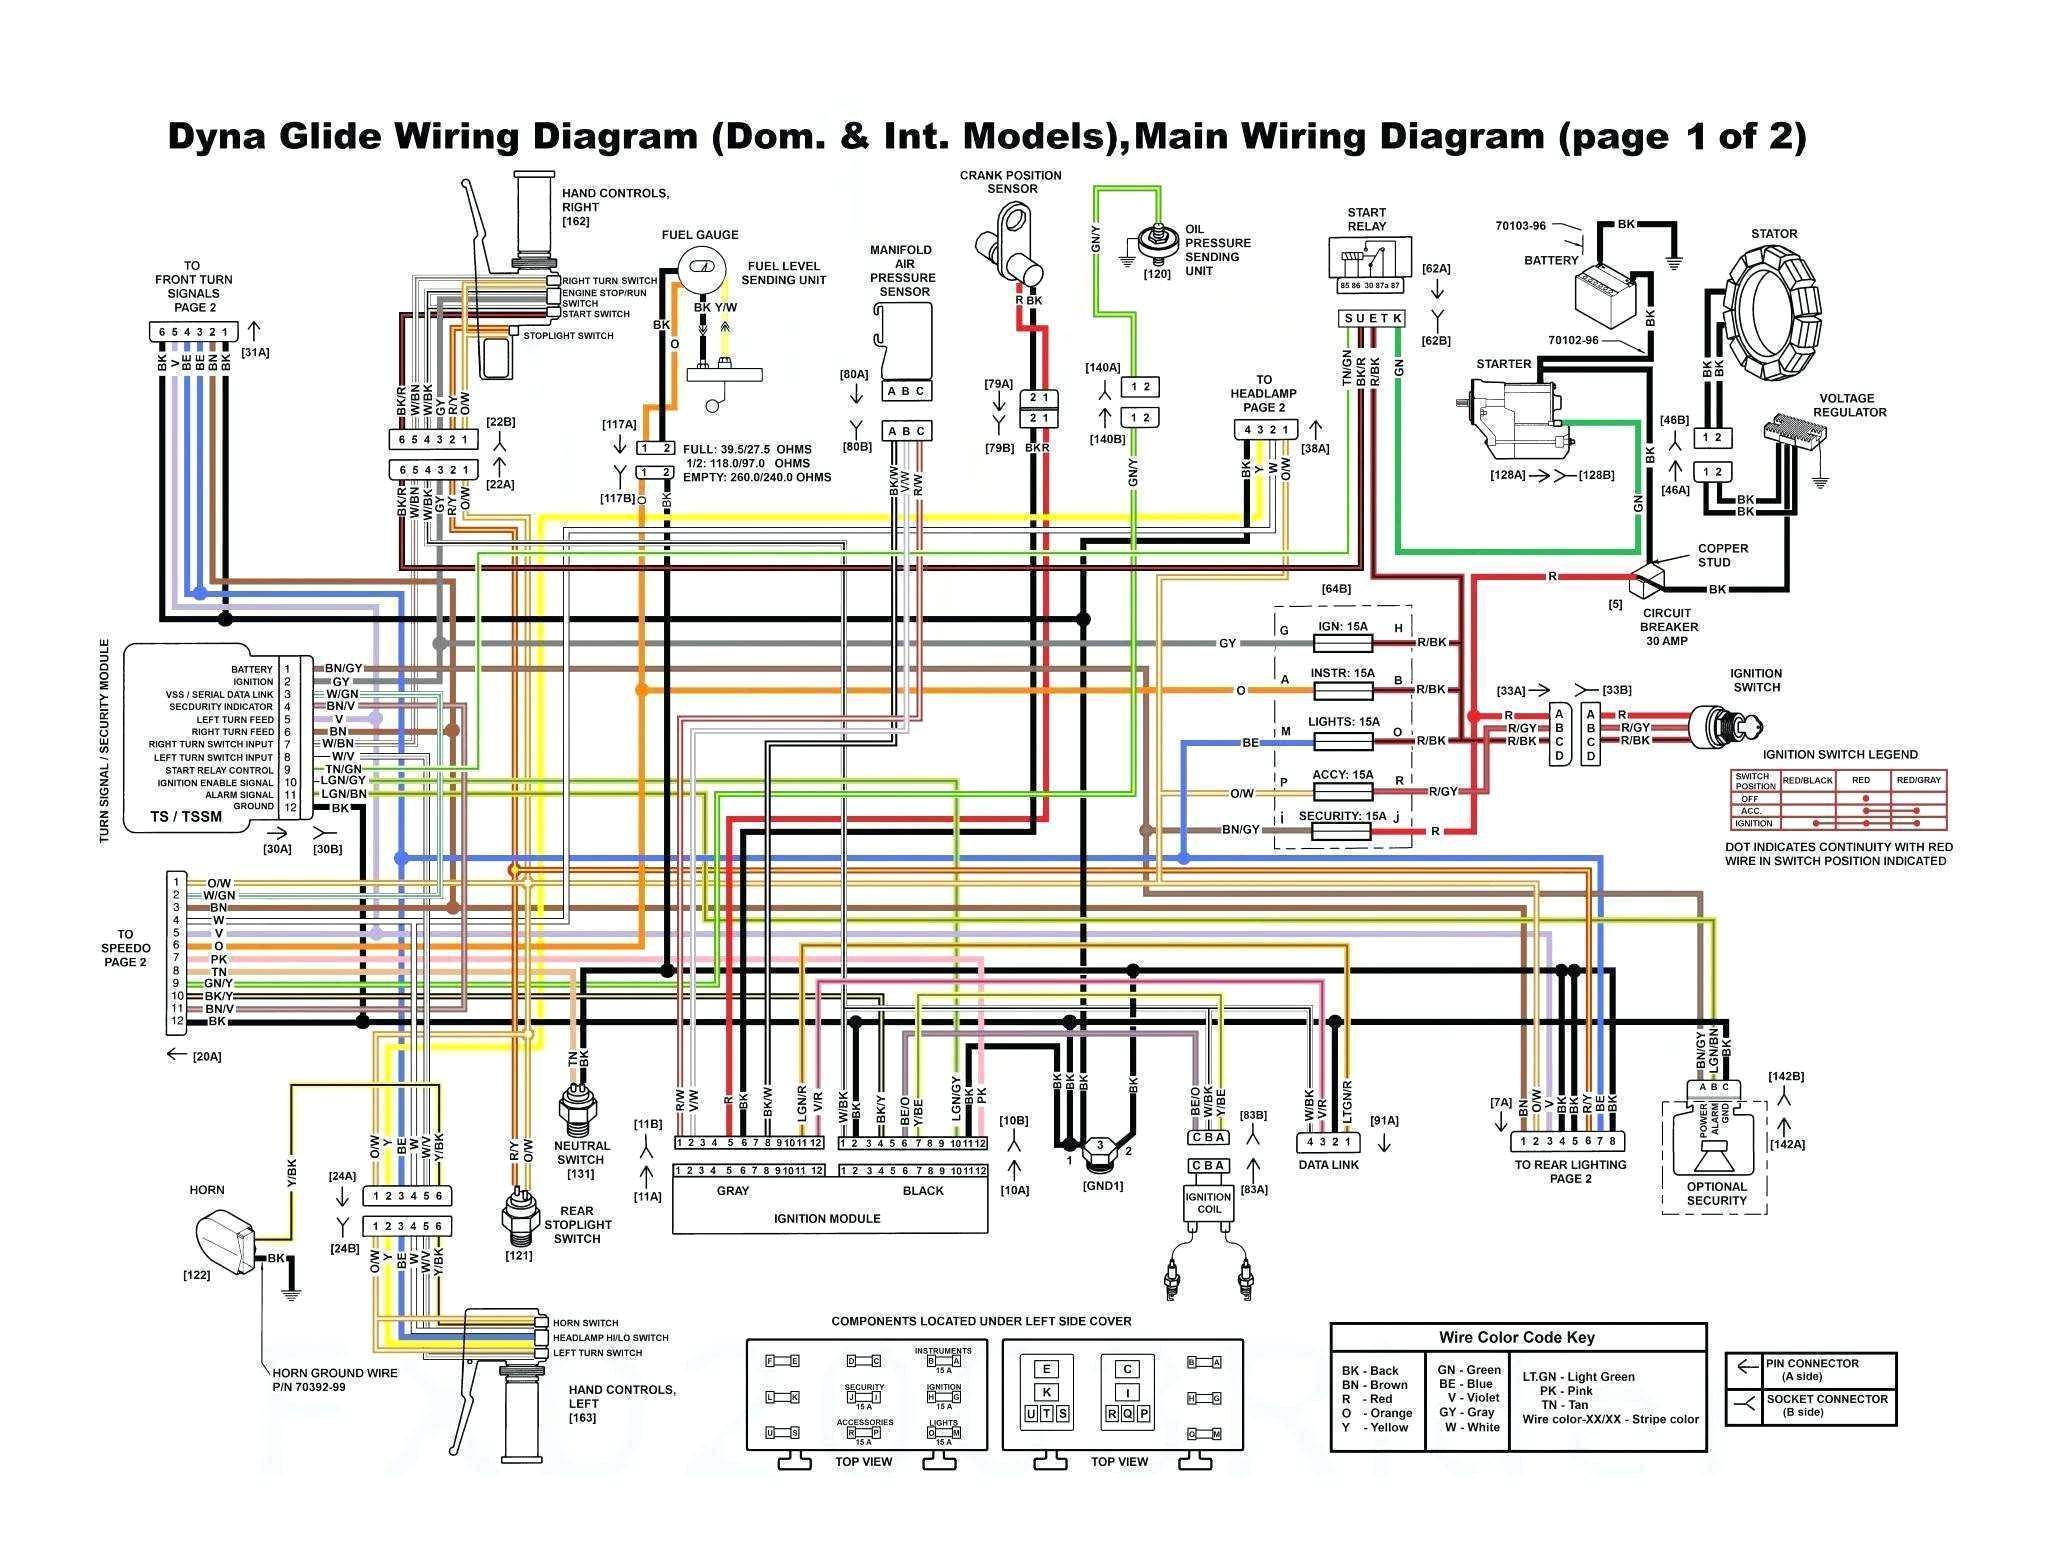 1997 harley wiring diagram wiring diagram name 1997 harley softail wiring diagram 1997 harley fxst wiring diagram